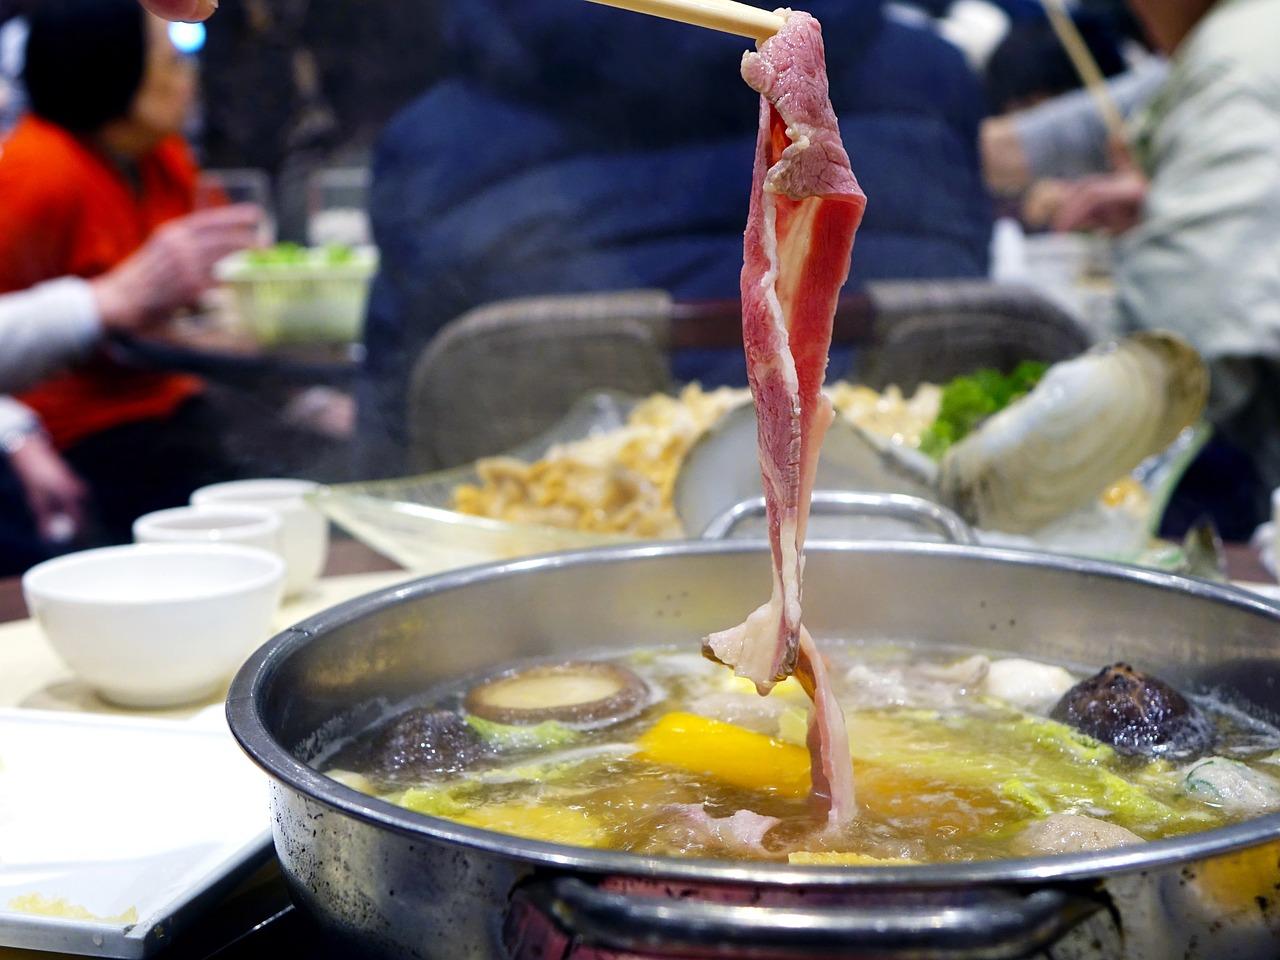 魚板 竹輪 爆漿起司球 這些火鍋料到底是如何製成?   臺灣英文新聞